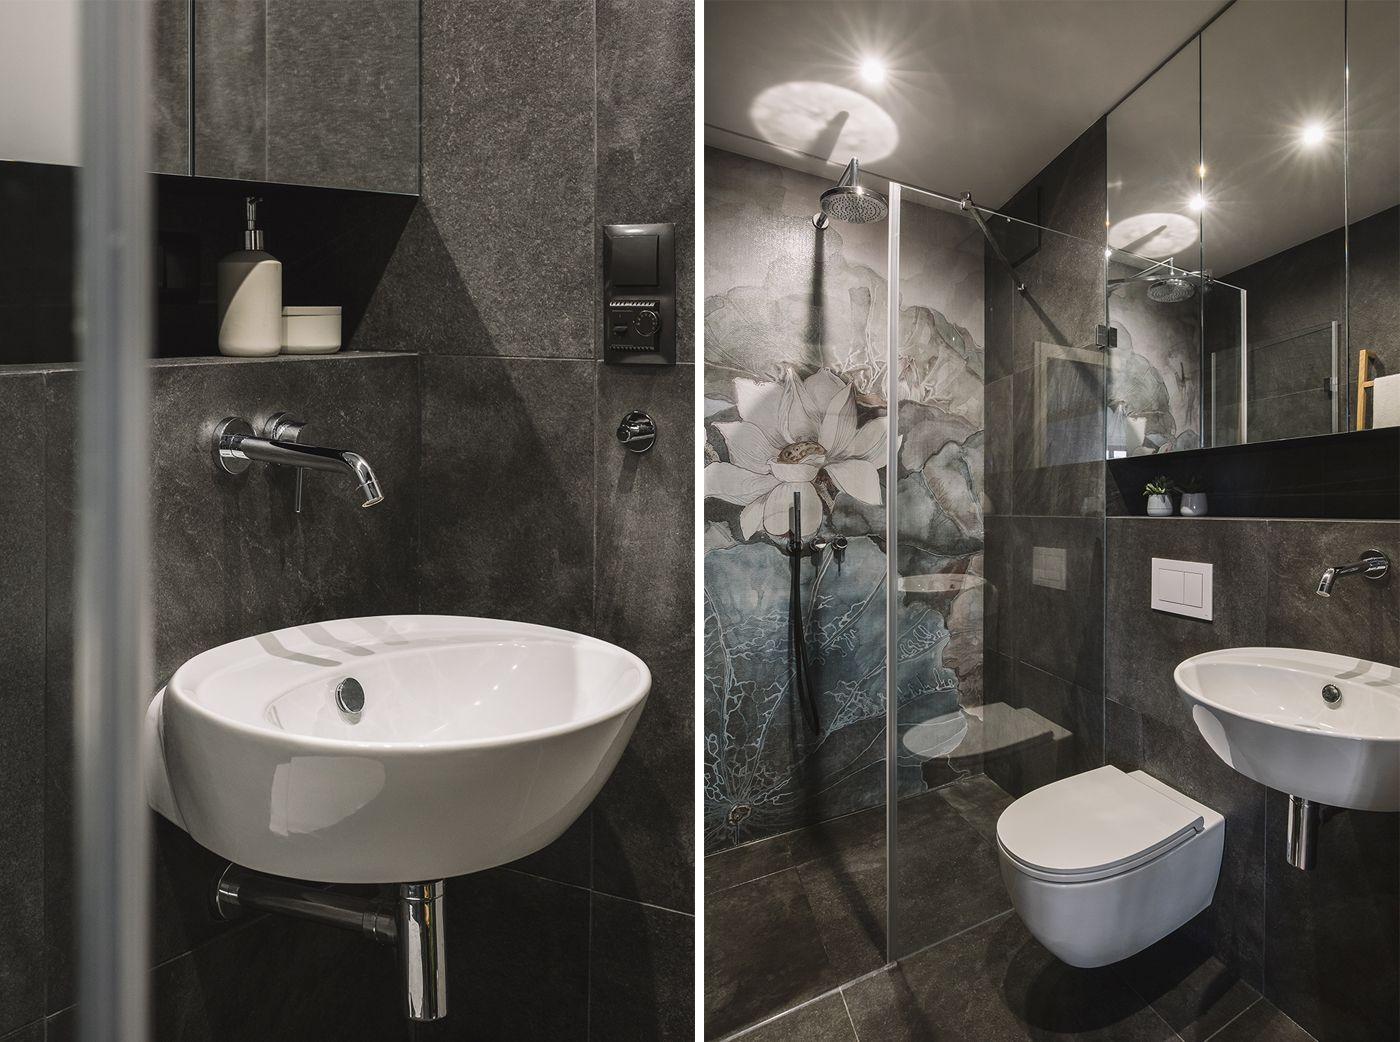 interiordesignbathroomshowerfloralwallpaper